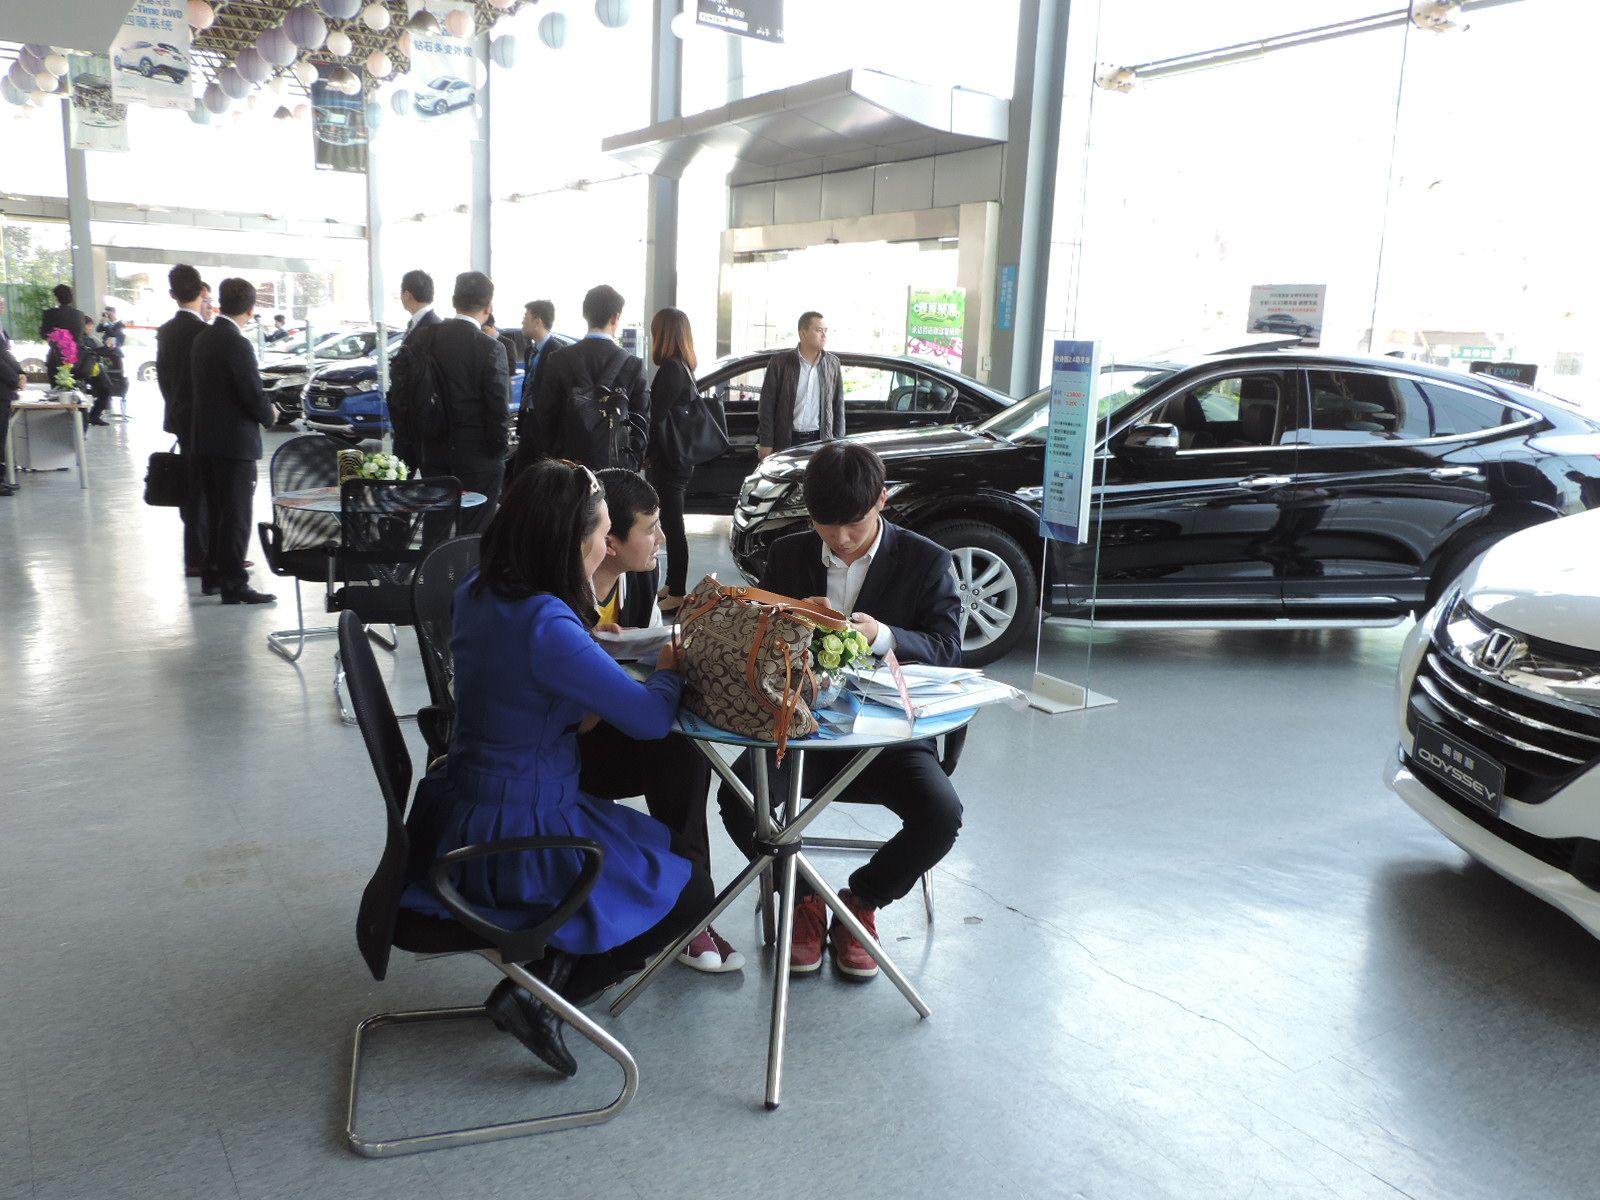 2020年6月の中国新車販売、11%増で過去最高 景気回復で3カ月連続のプラス 中国汽車工業協会